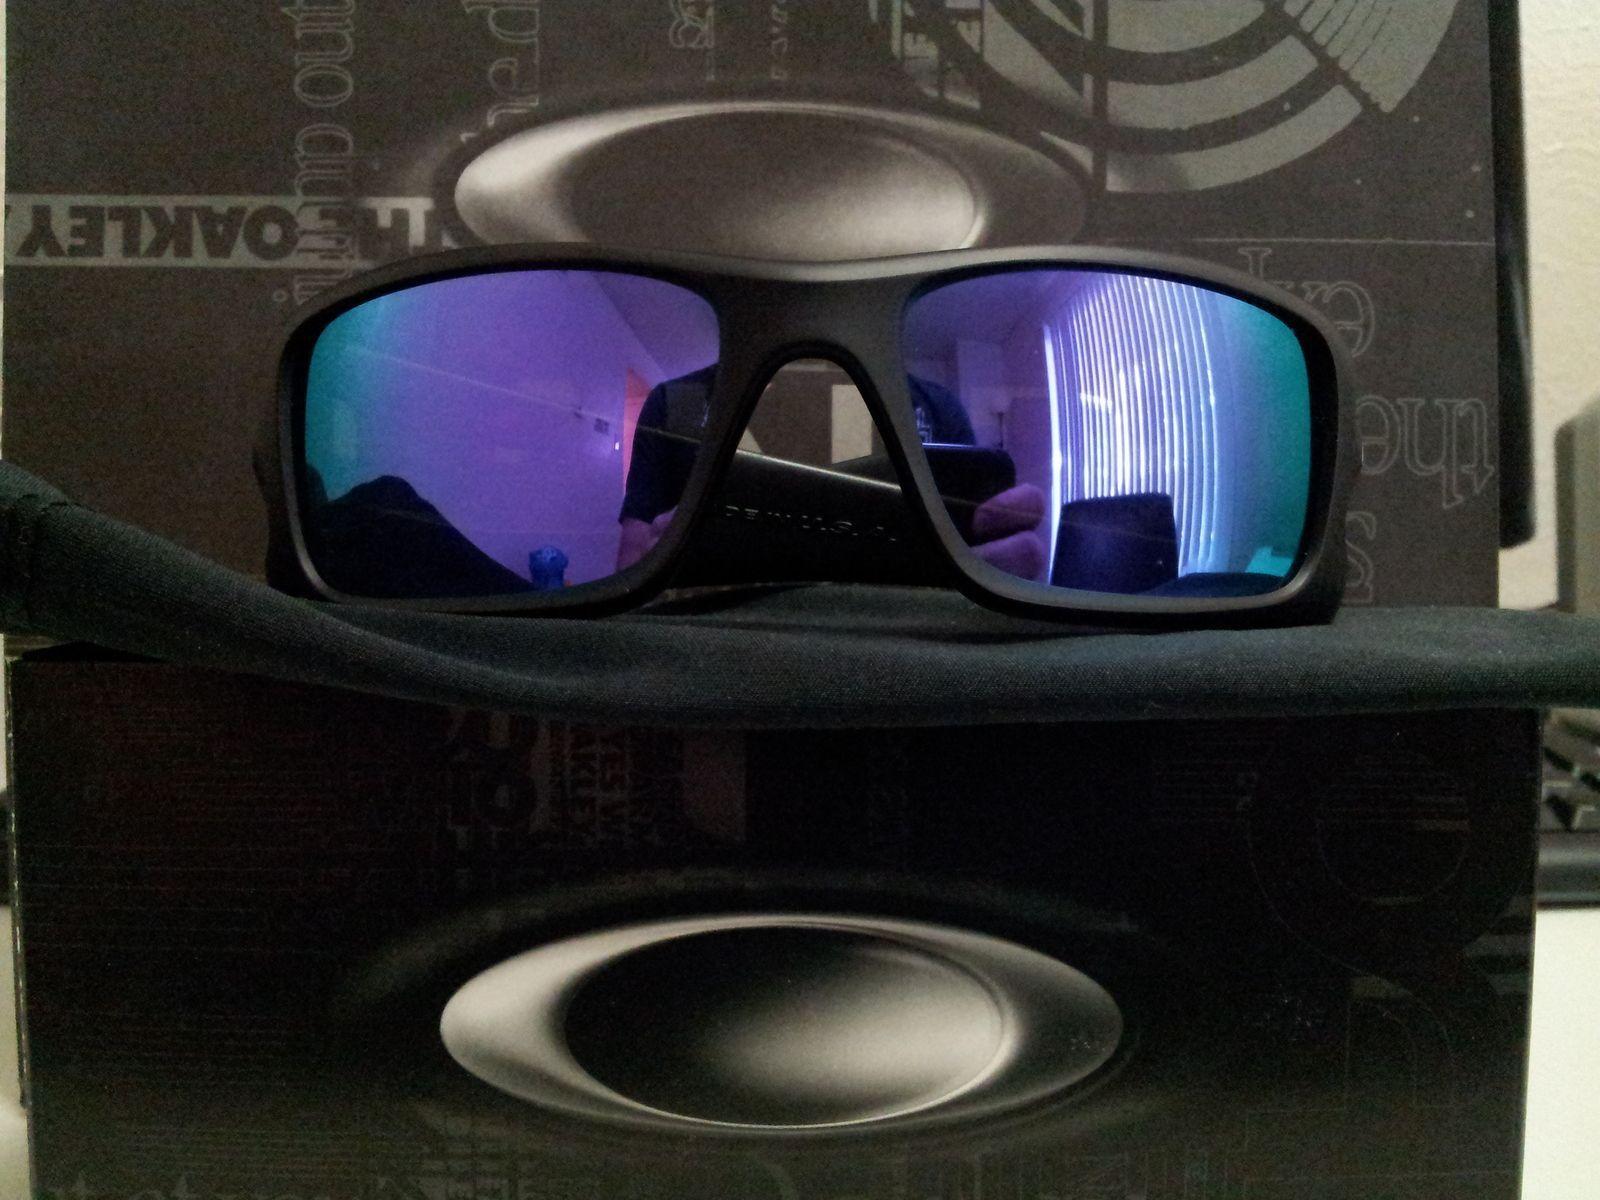 Crankcase Matte Black/Violet (Box, Bag, Paperwork, Reciept Included) - 20130602121258.jpg